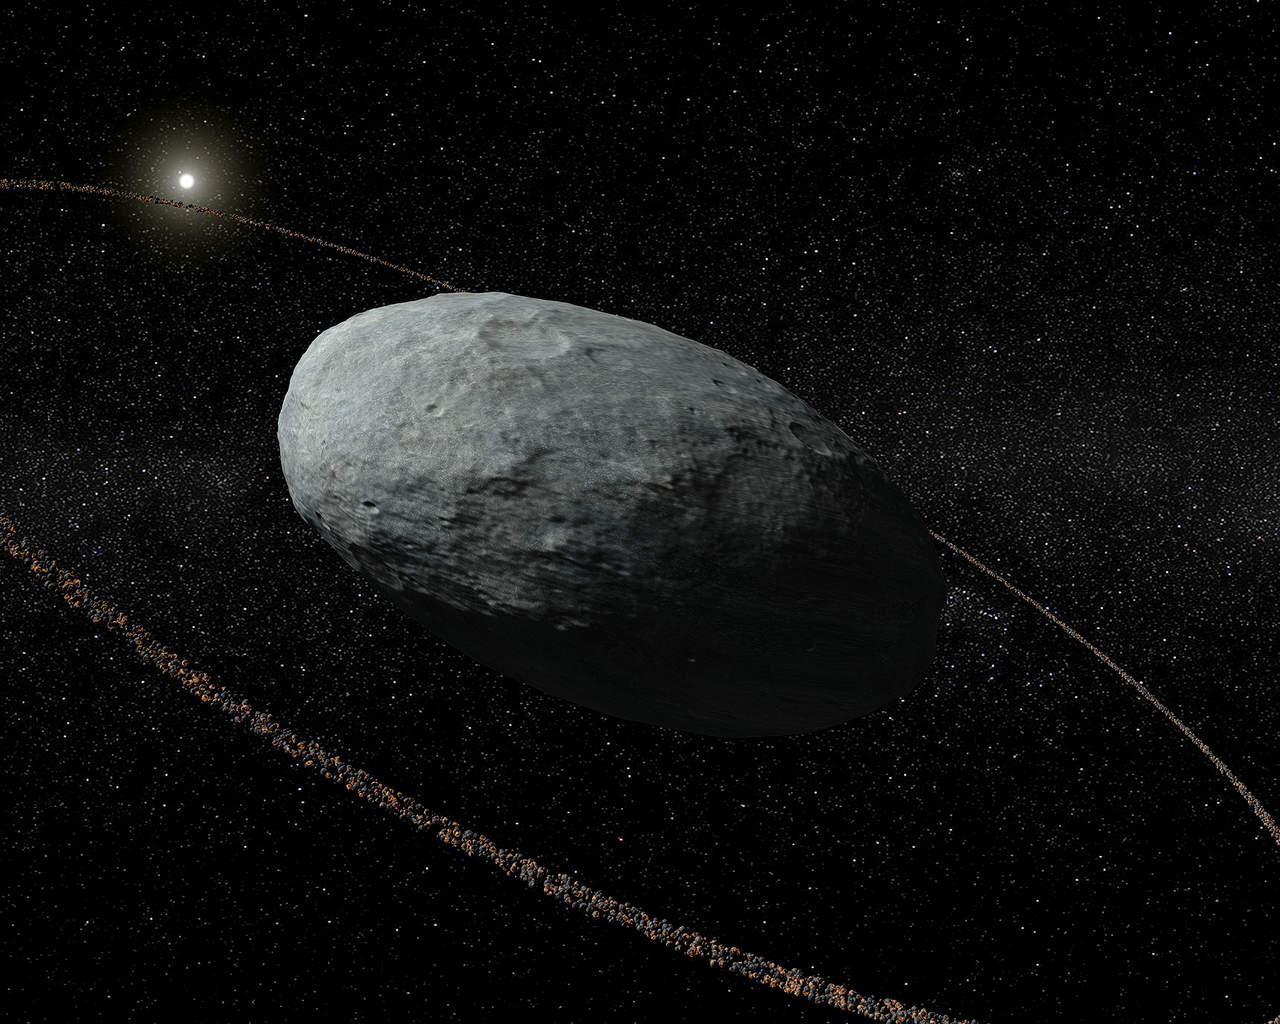 Planetas enanos también pueden tener un anillo a su alrededor